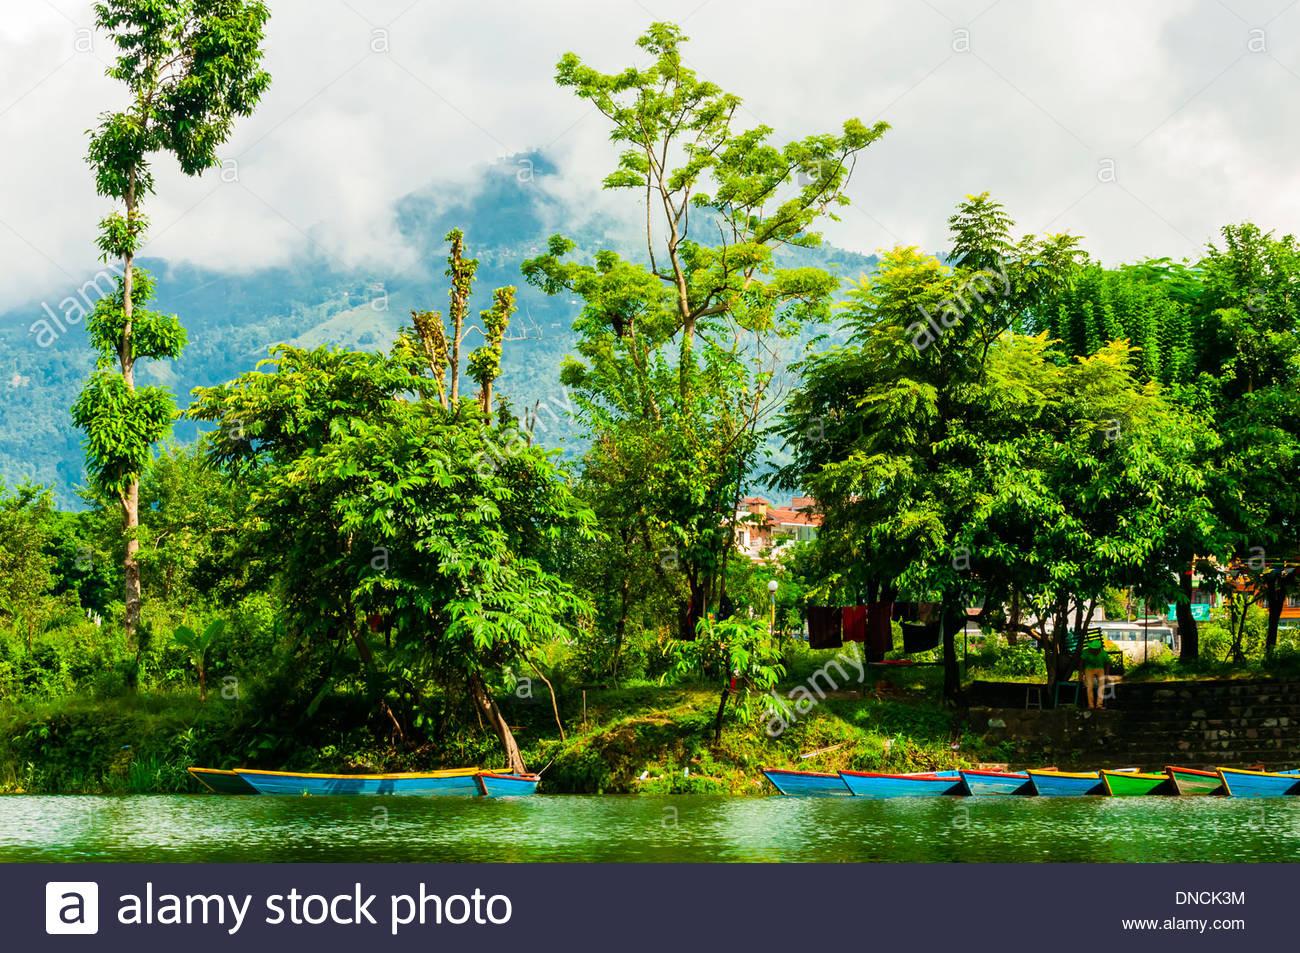 Phewa Lake, Pokhara, Nepal. - Stock Image